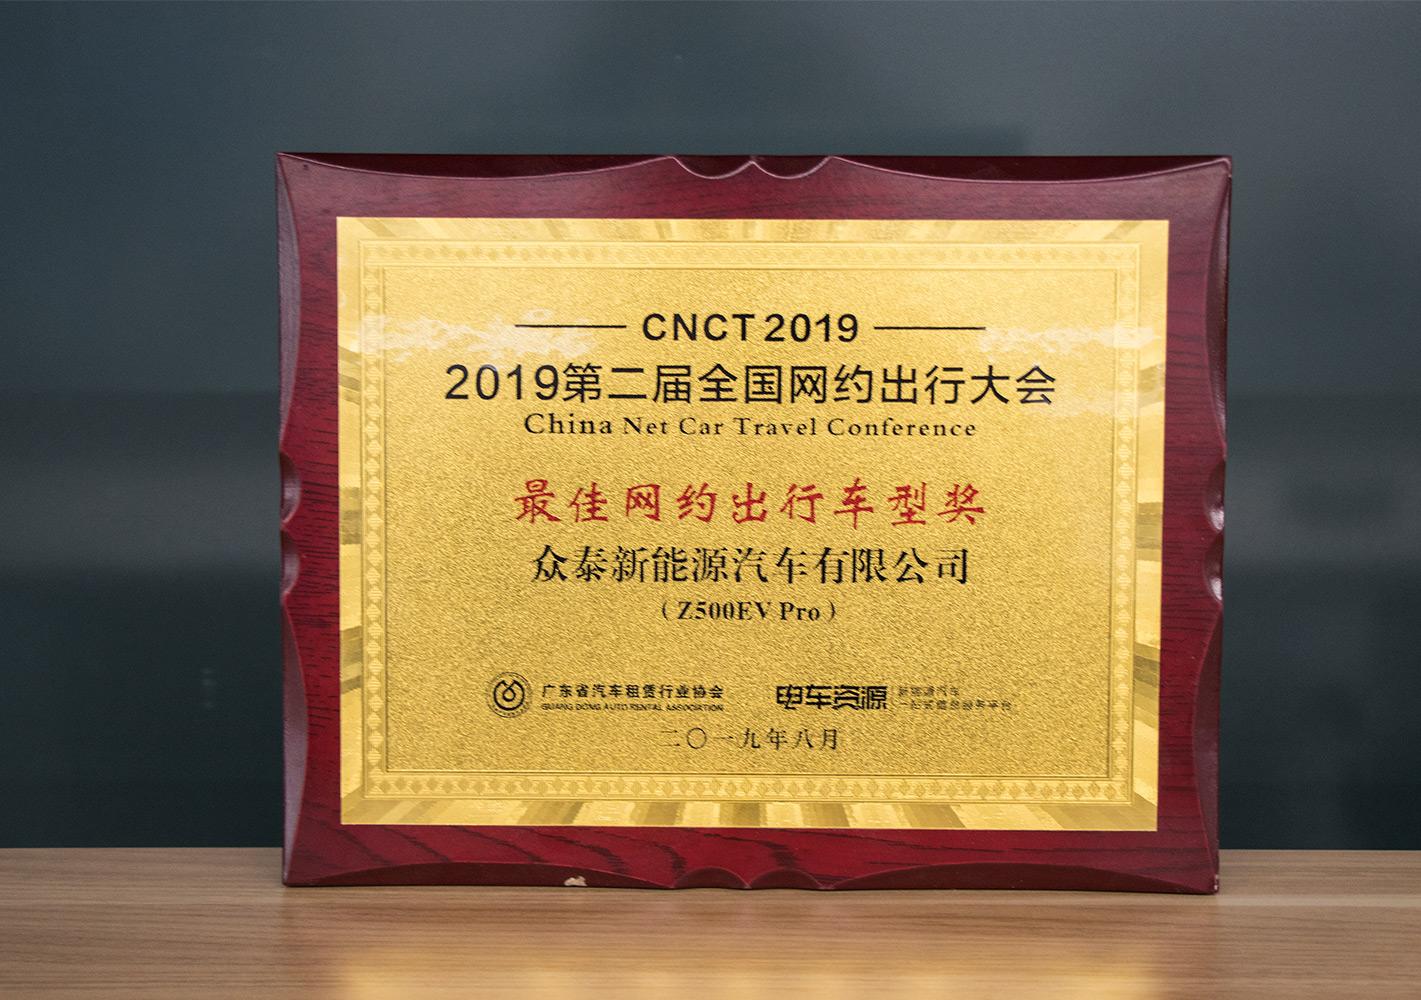 2019第二届全国网约出行年度奖项评选,众泰Z500EV Pro荣获最佳网约出行车型奖